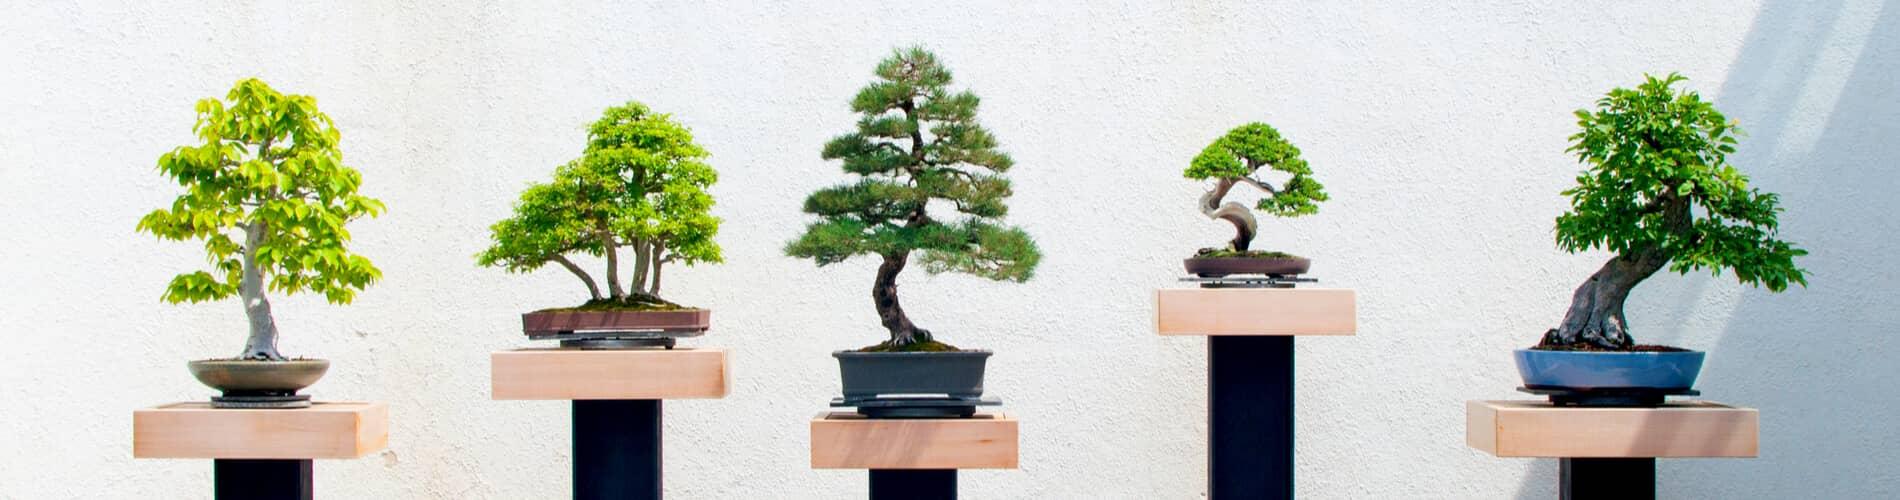 Bonsai Baum Pflegen Schneiden Ursprung Arten Saemereien Ch